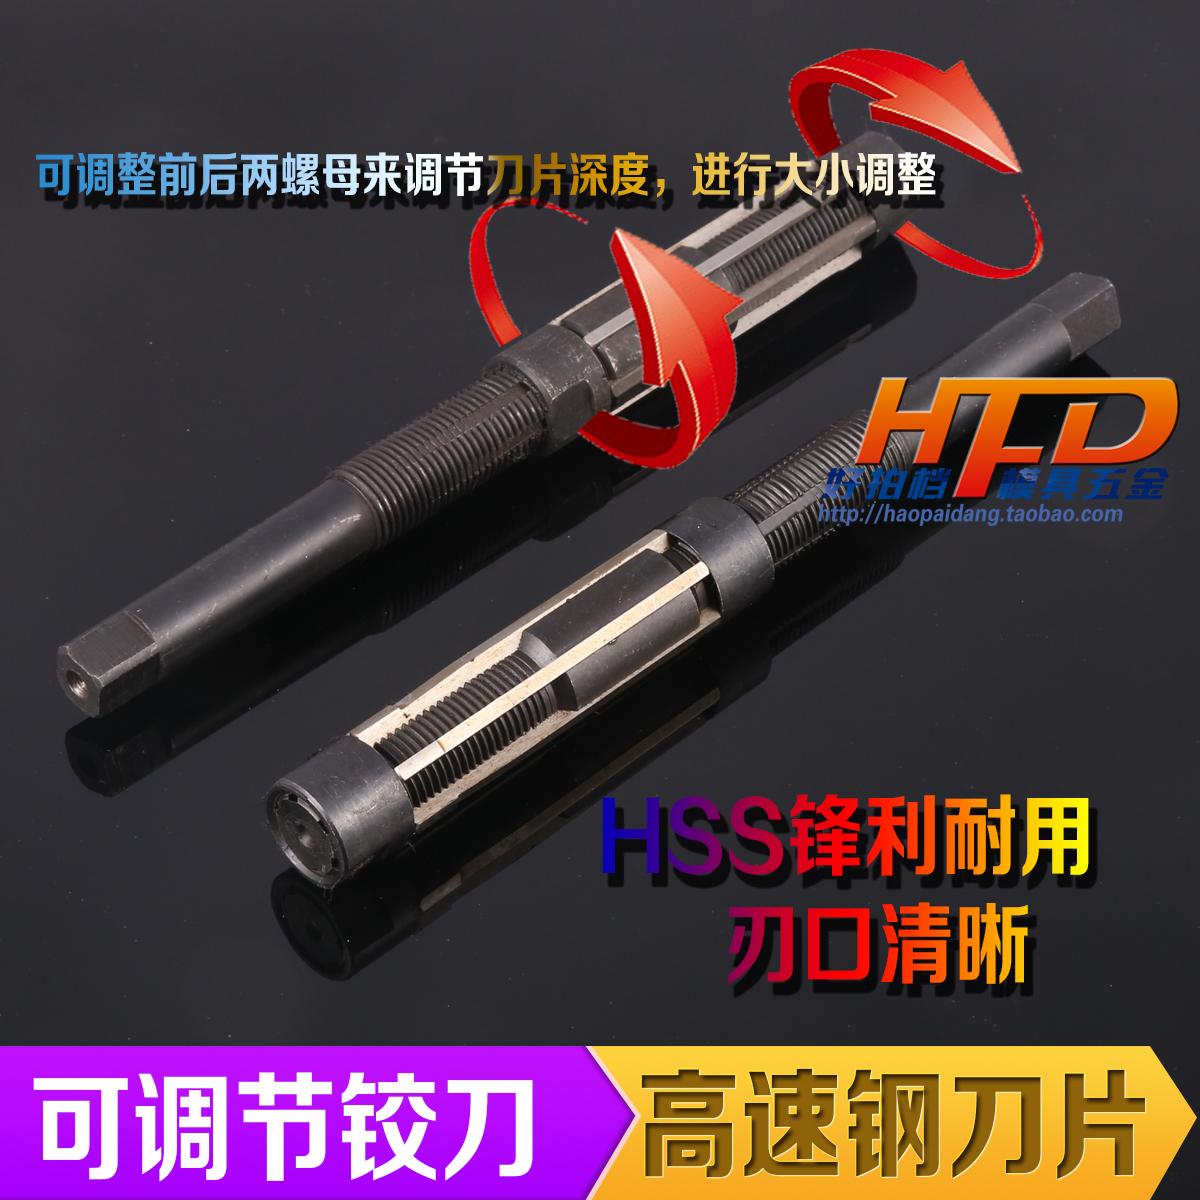 正特保耐利直柄可调节手用铰刀6-64mm高速钢可调铰刀捻把扩孔包邮